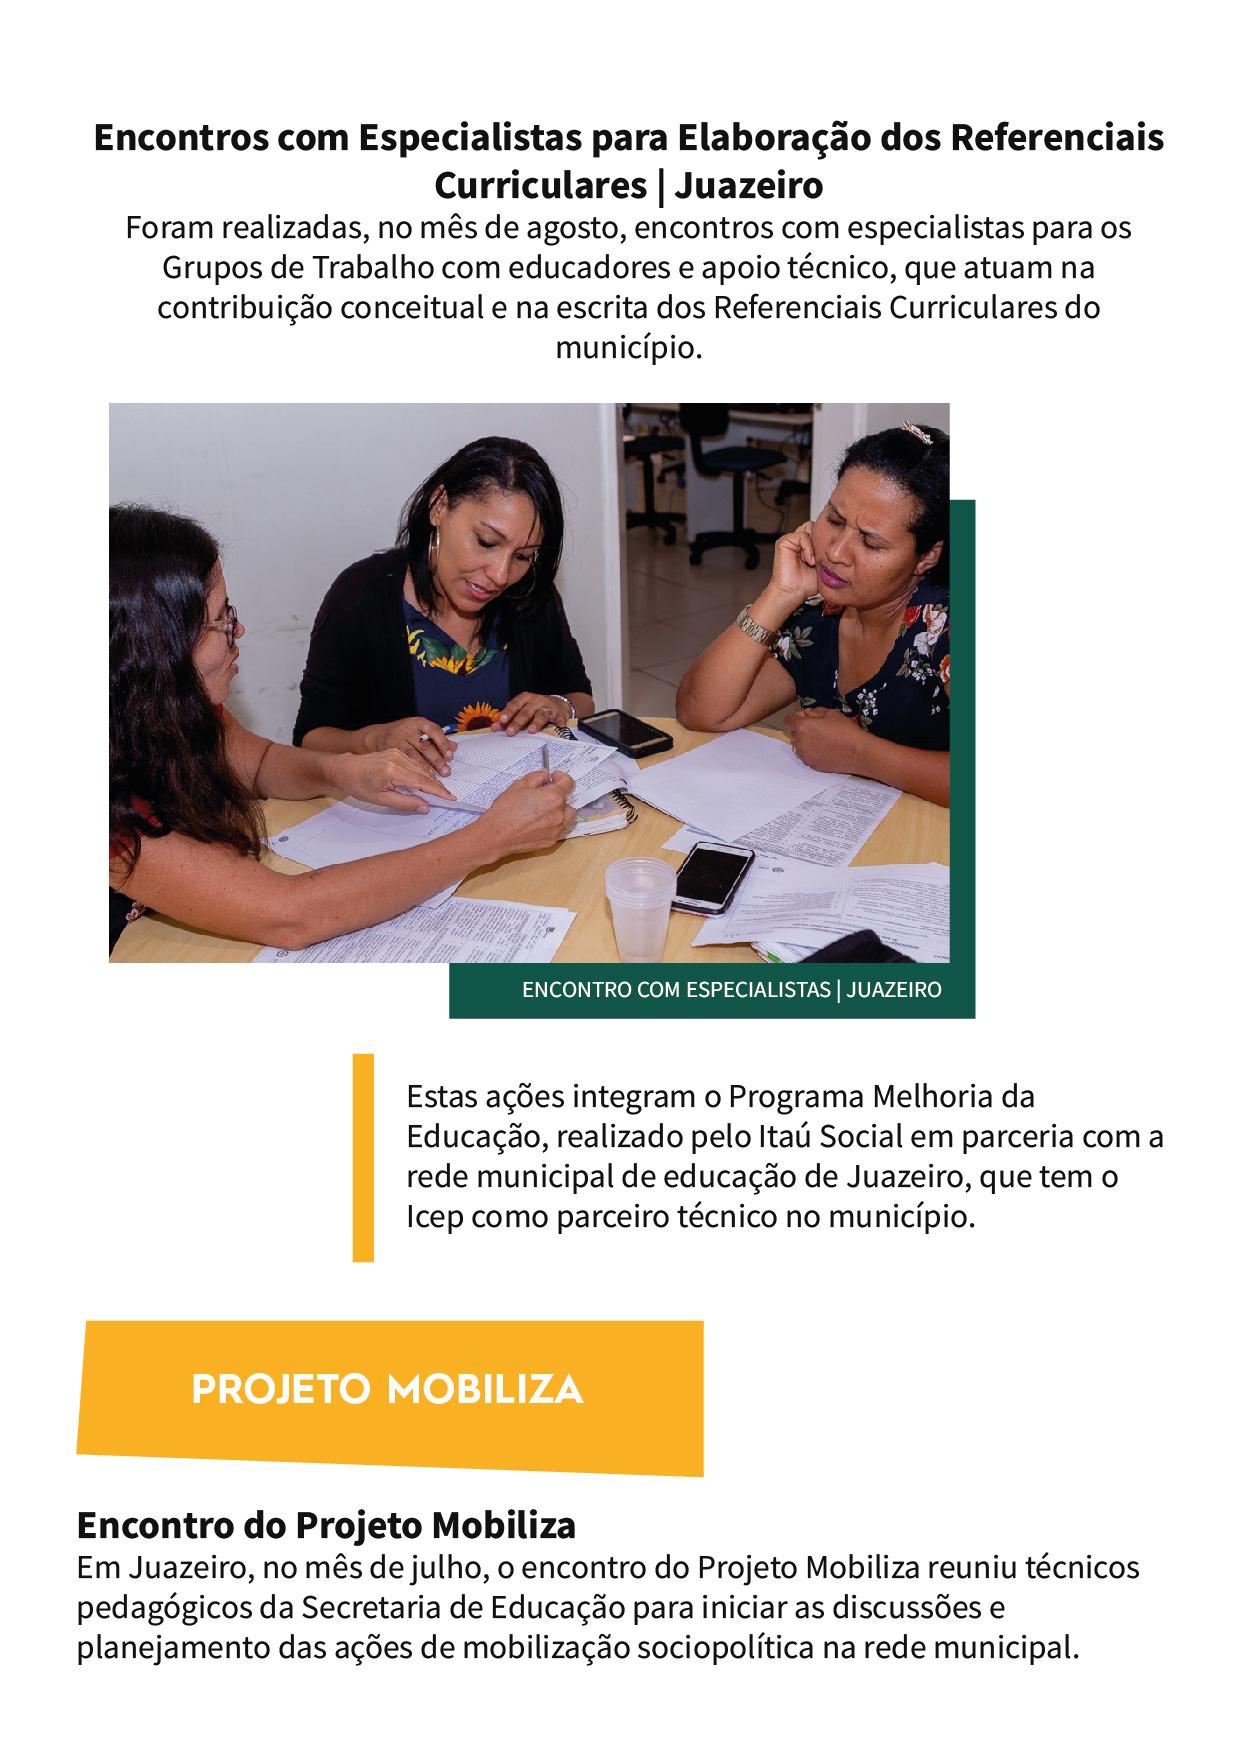 ICEP - Boletim edição 2, versão impressa_Campanhas e mobilizações